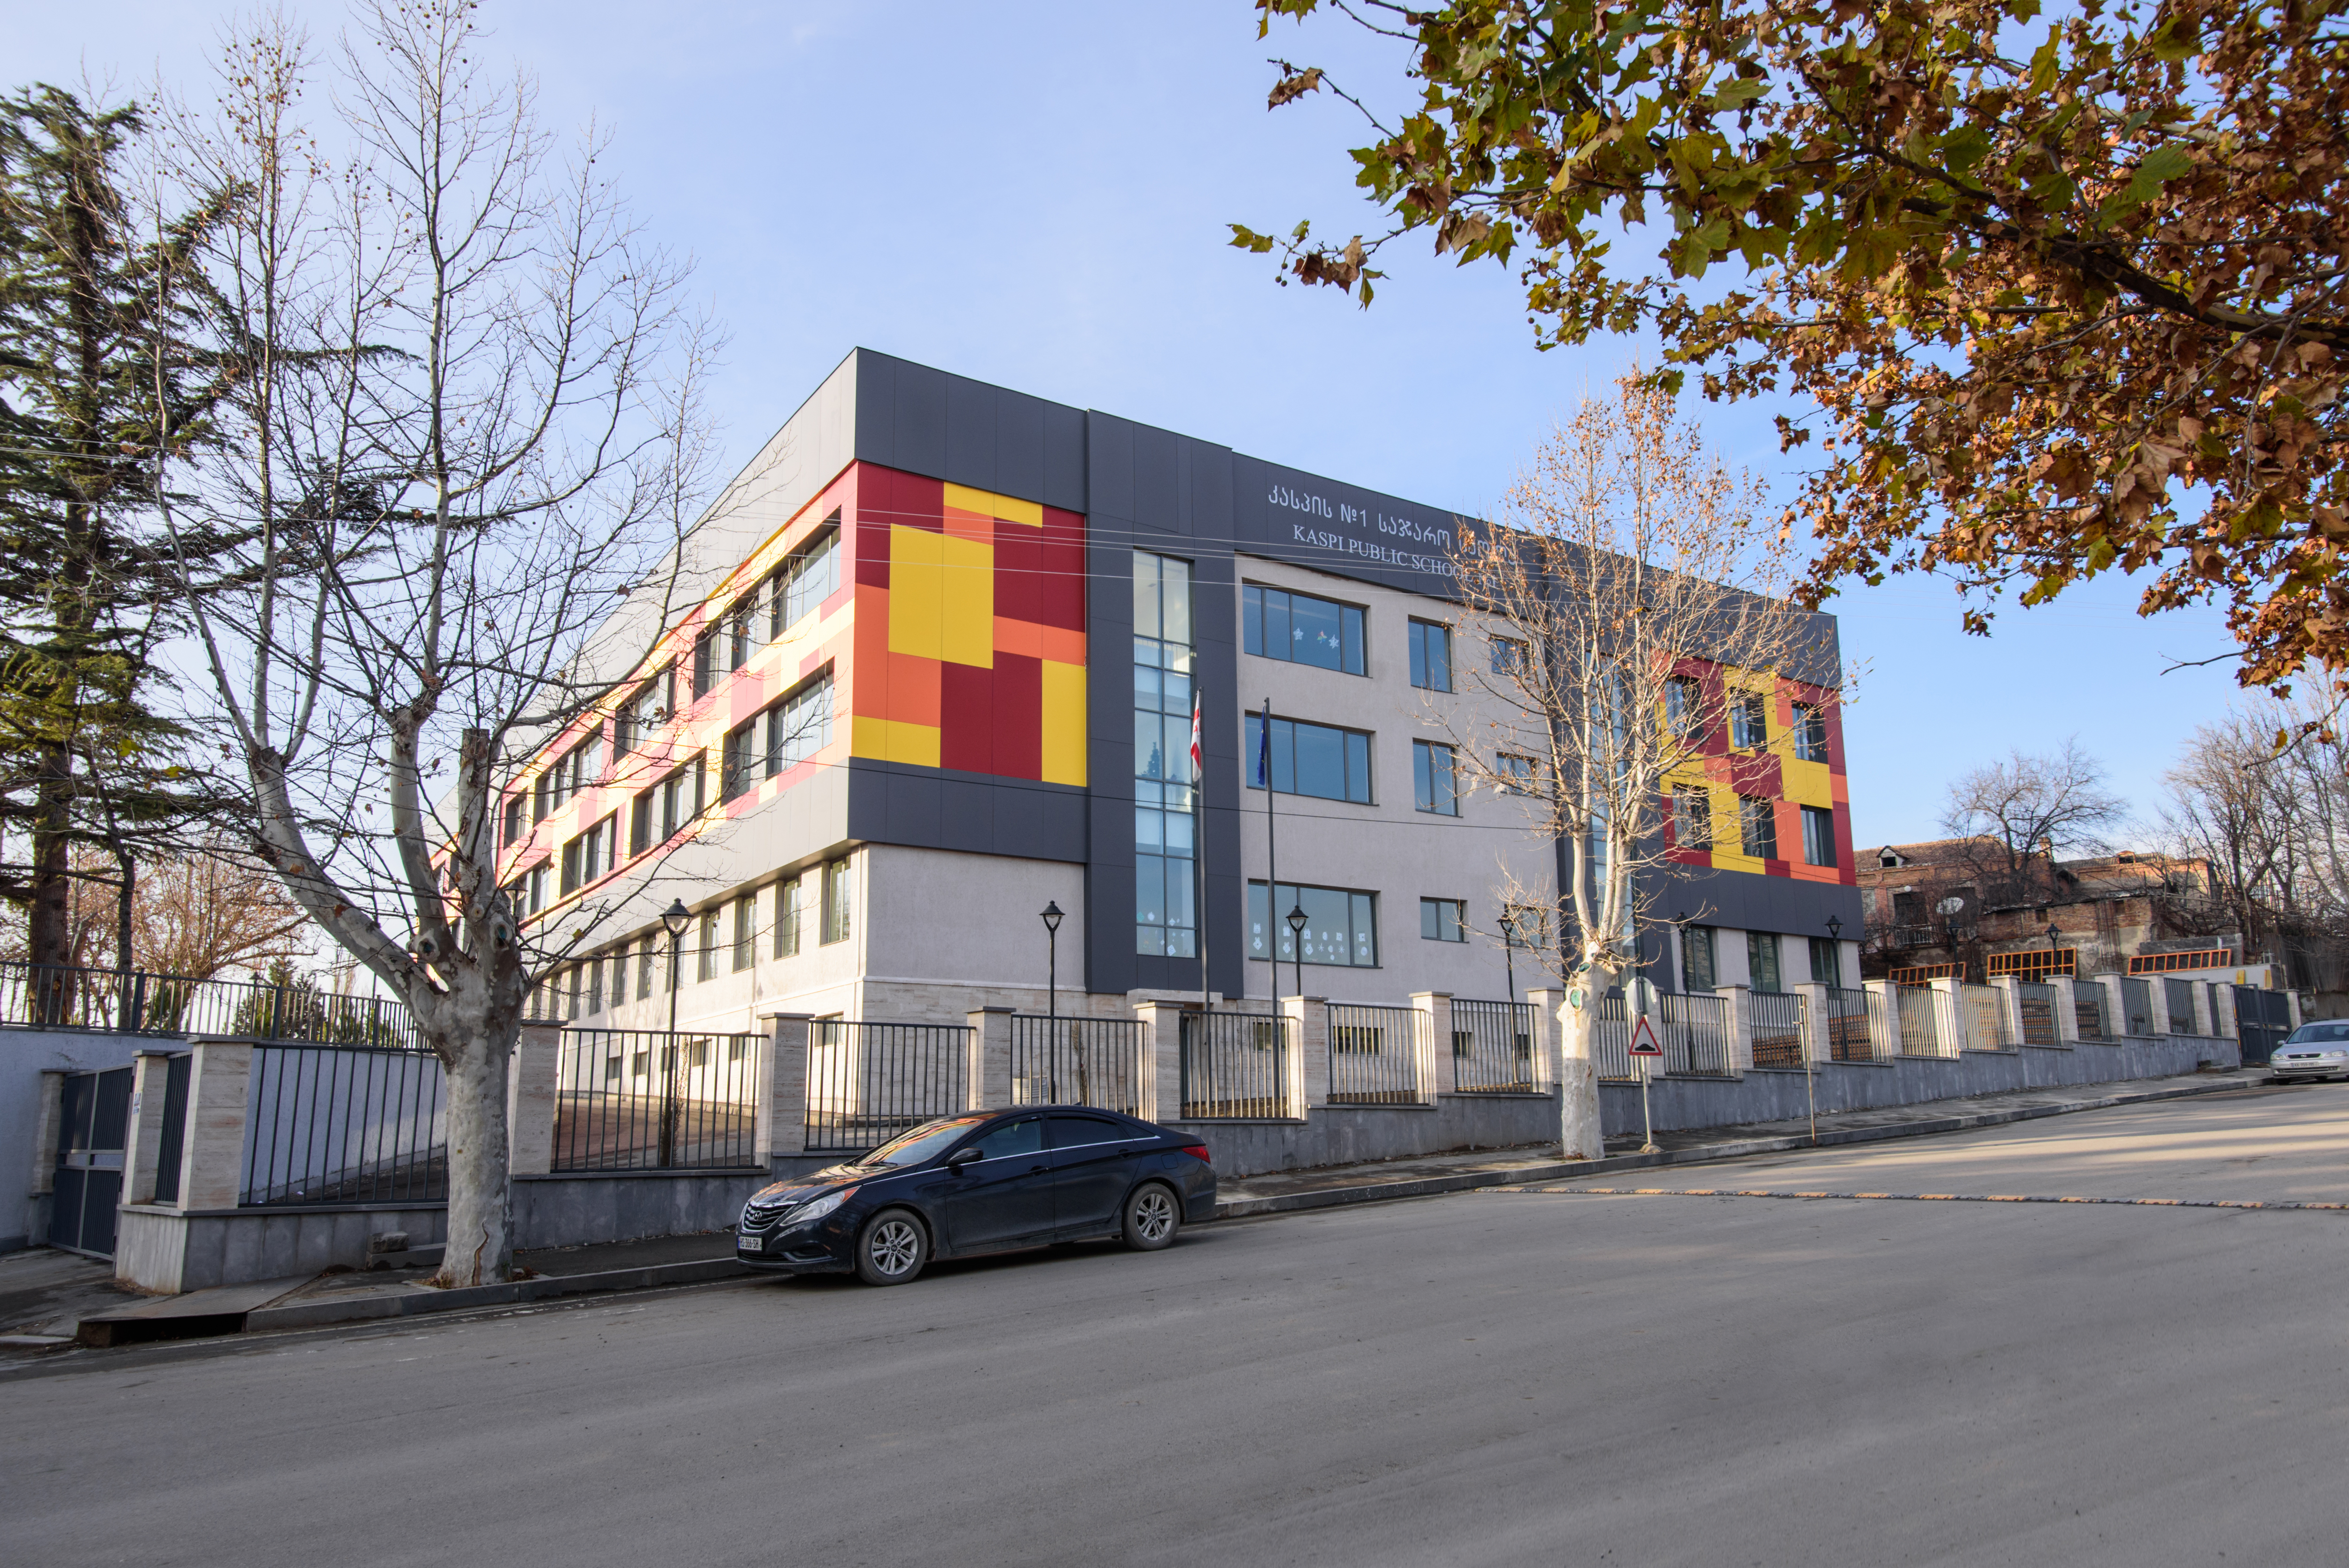 ქალაქ კასპის N1 საჯარო სკოლა